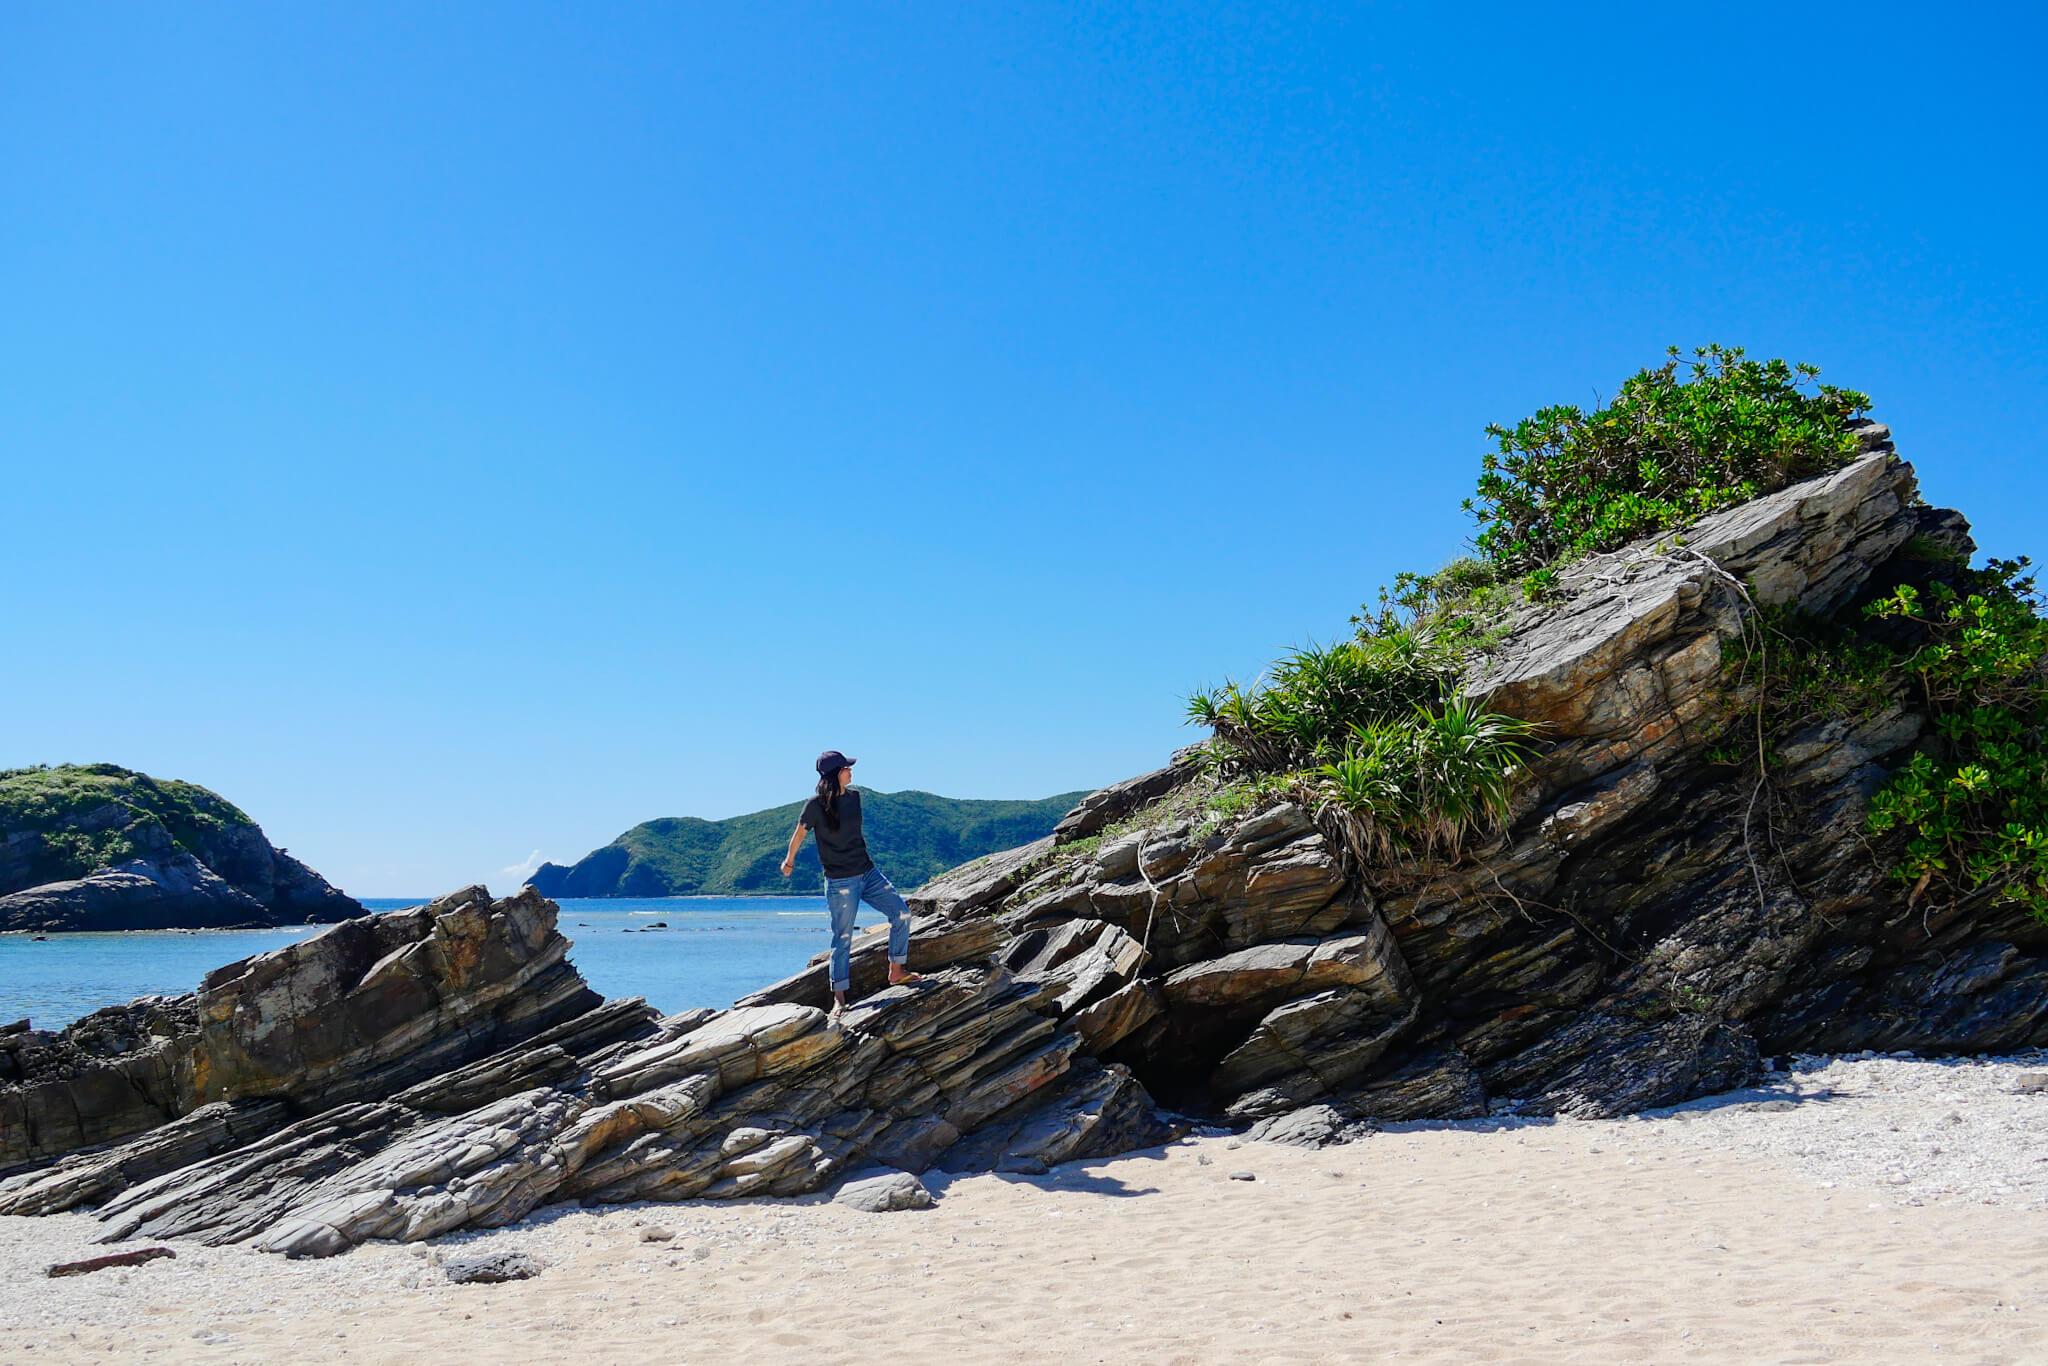 クシバルビーチにそびえ立つ岩